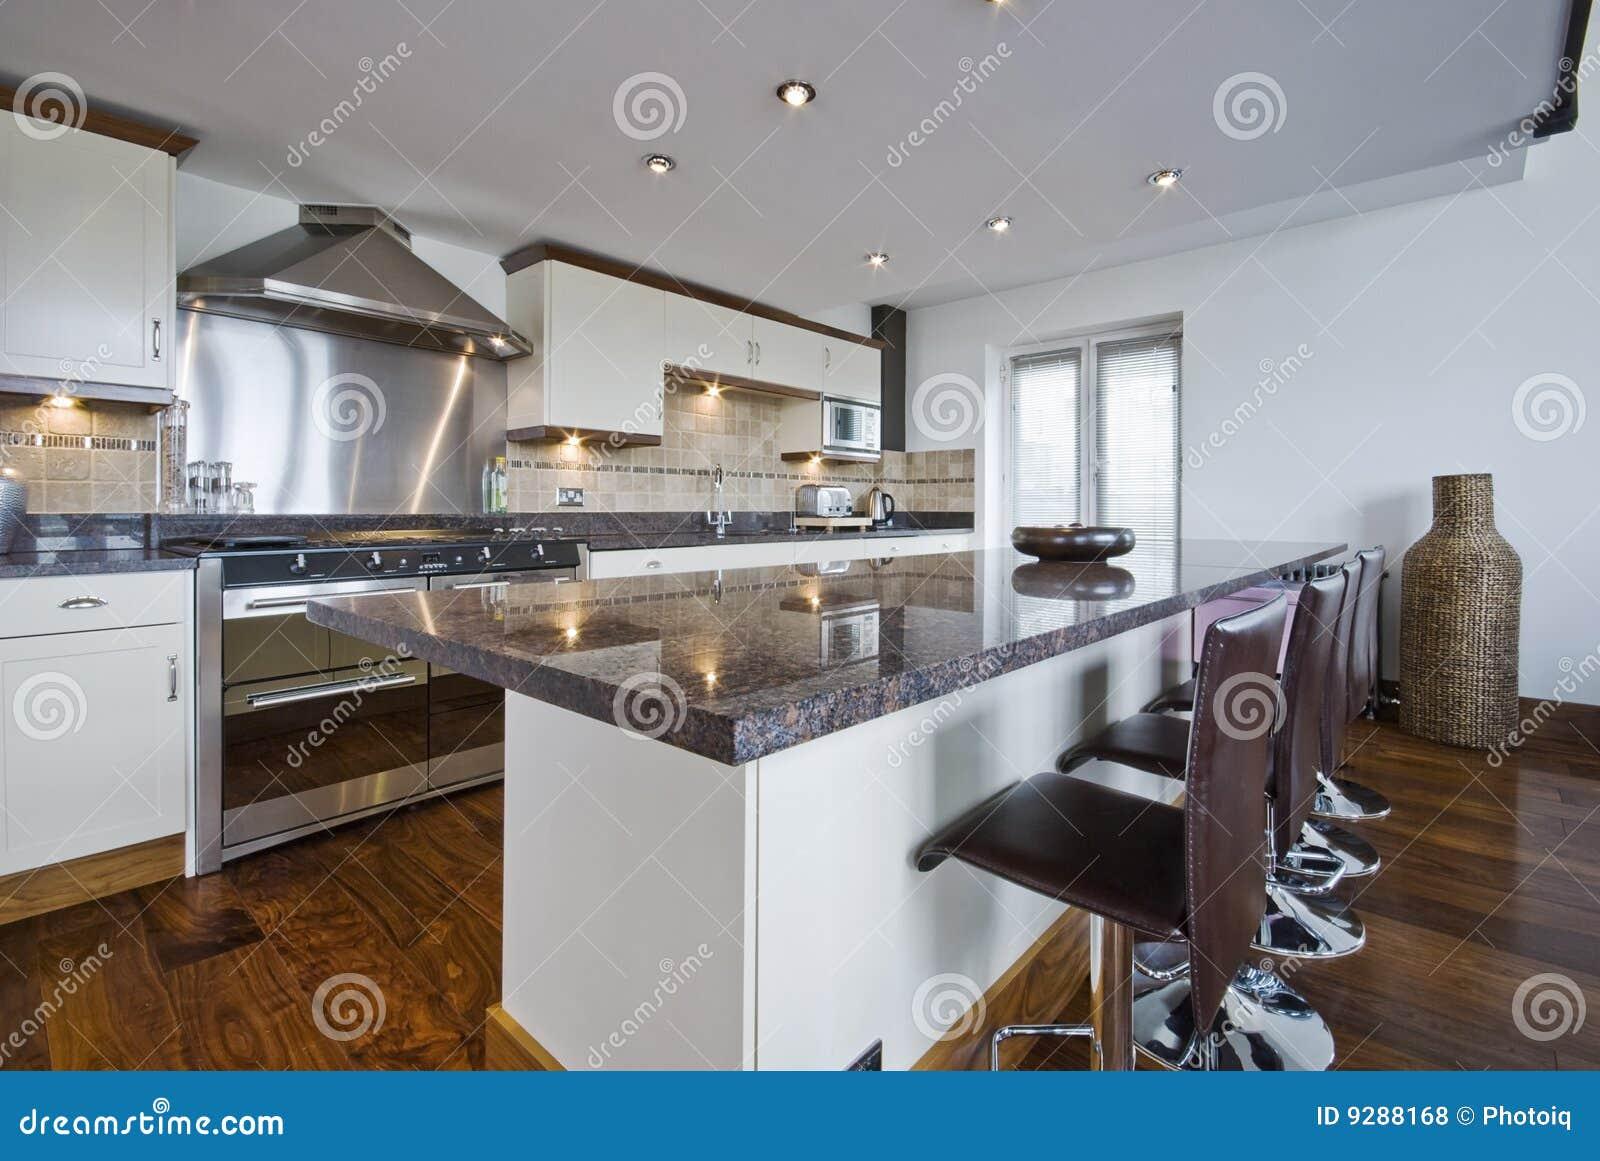 Cocina contempor nea con una barra de desayuno fotos de for Cocinas con barra de desayuno